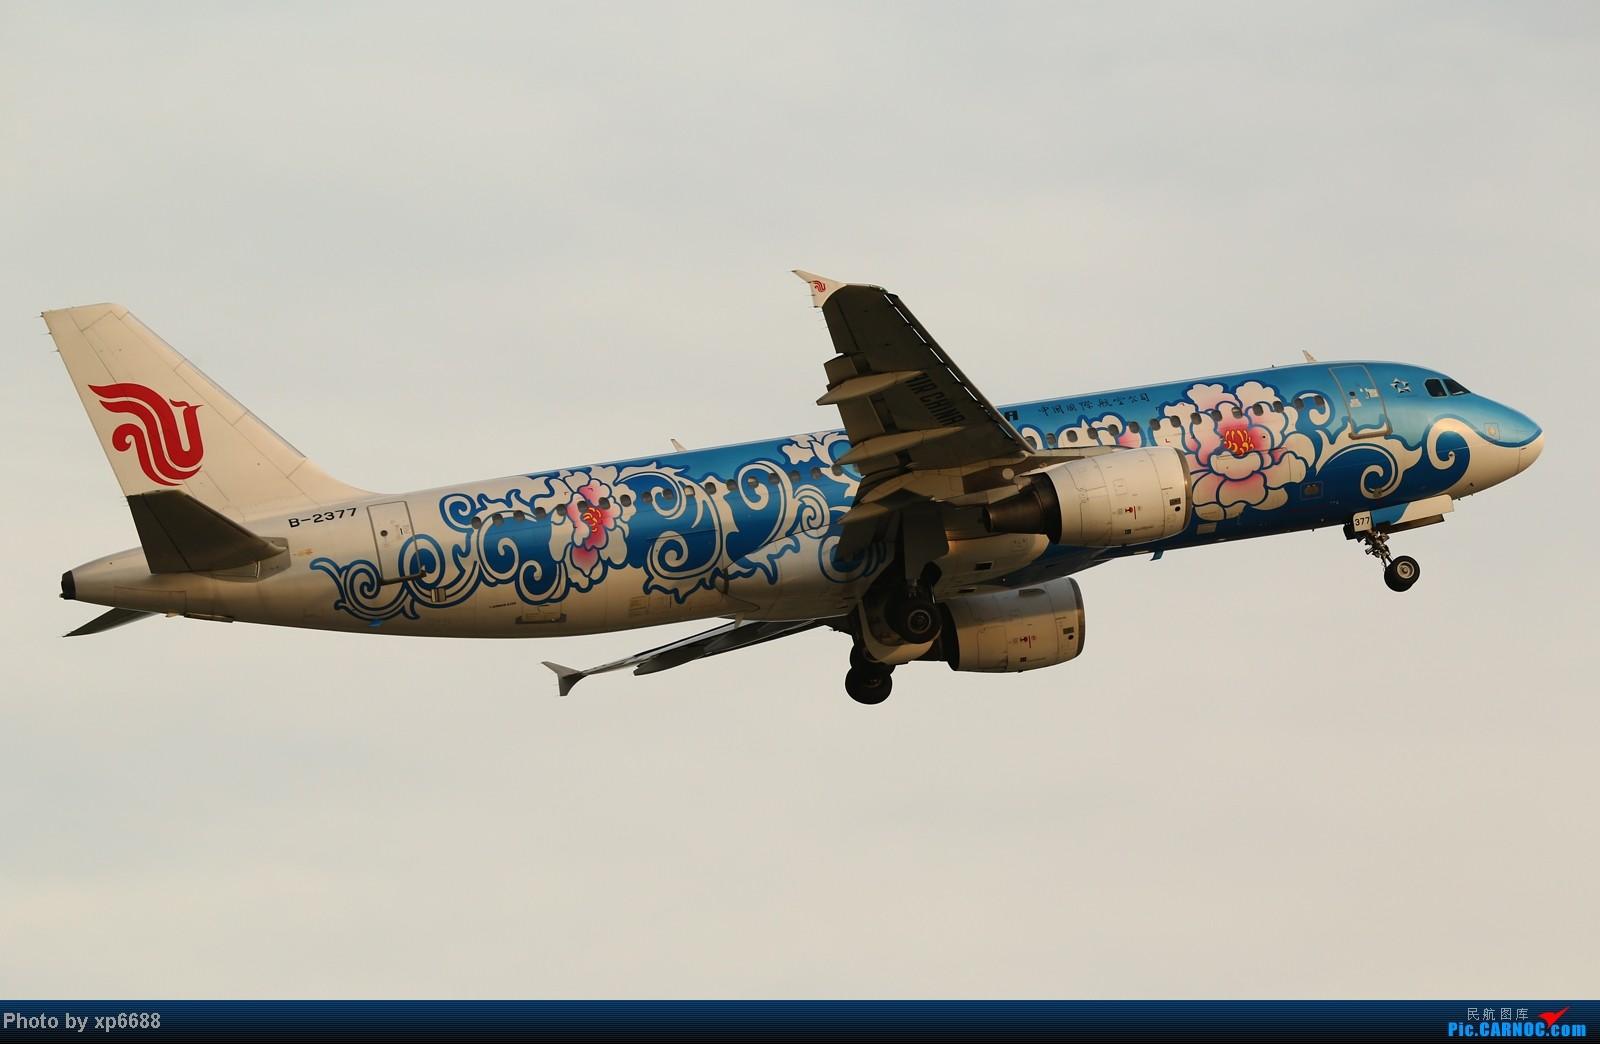 Re:[原创]萧山机场之冷暖 AIRBUS A320-200 B-2377 中国杭州萧山机场